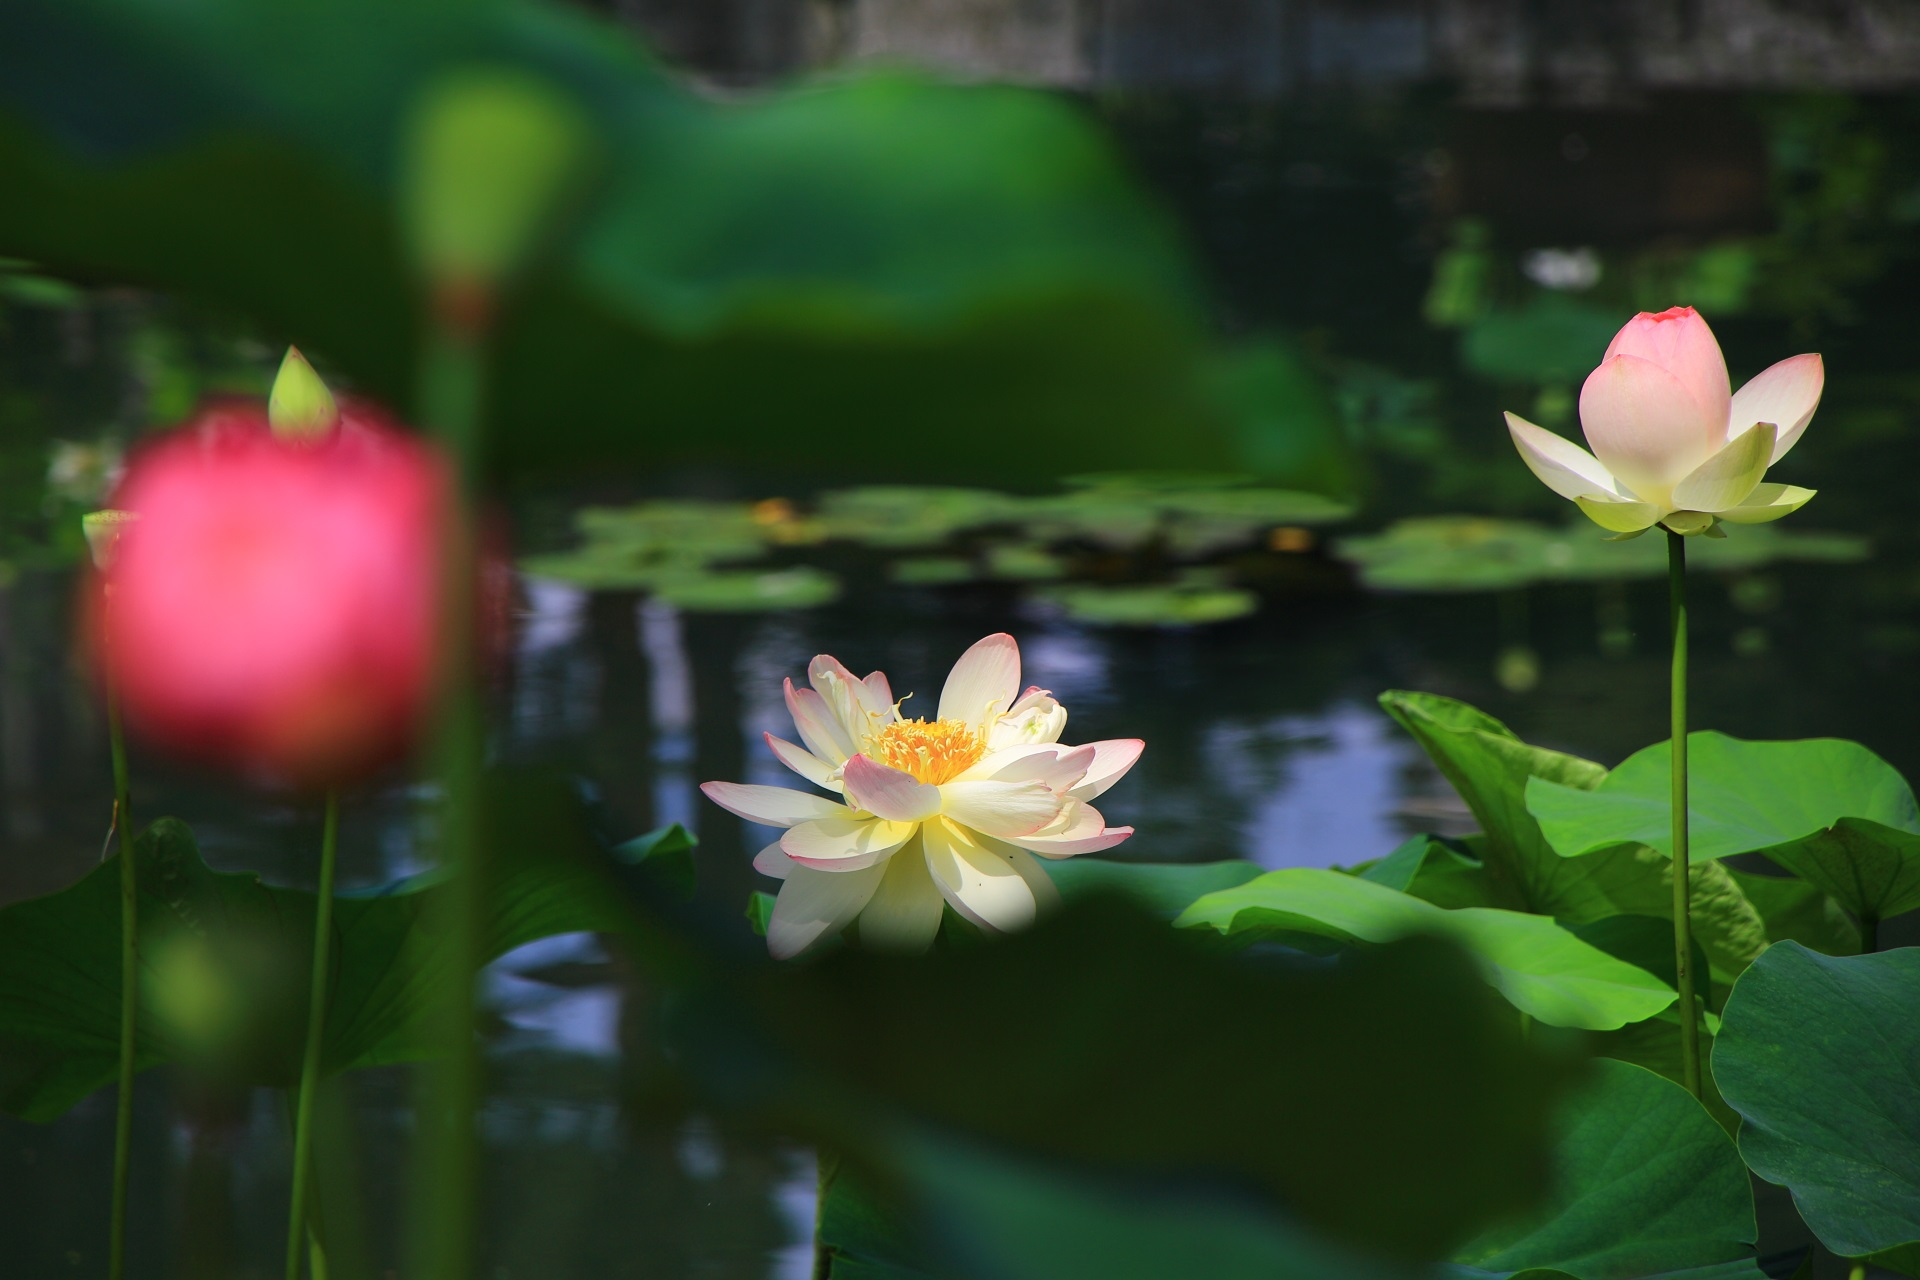 相国寺 蓮 水辺に華やぐ上品な蓮の花